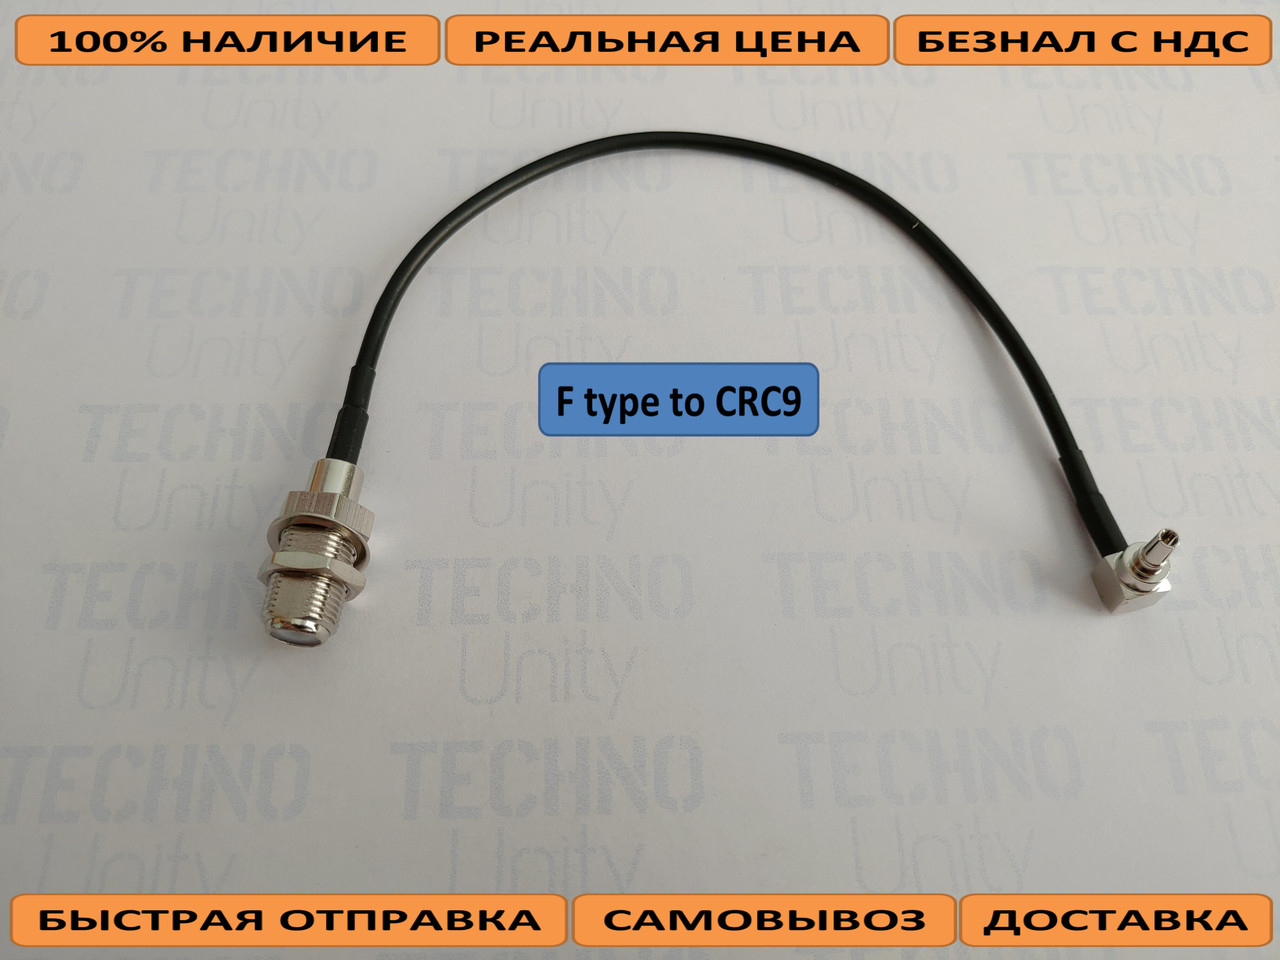 Антенный переходник (pigtail, пигтейл) CRC9 to F type (для Huawei e3372 e3131) для подключения внешней антенны